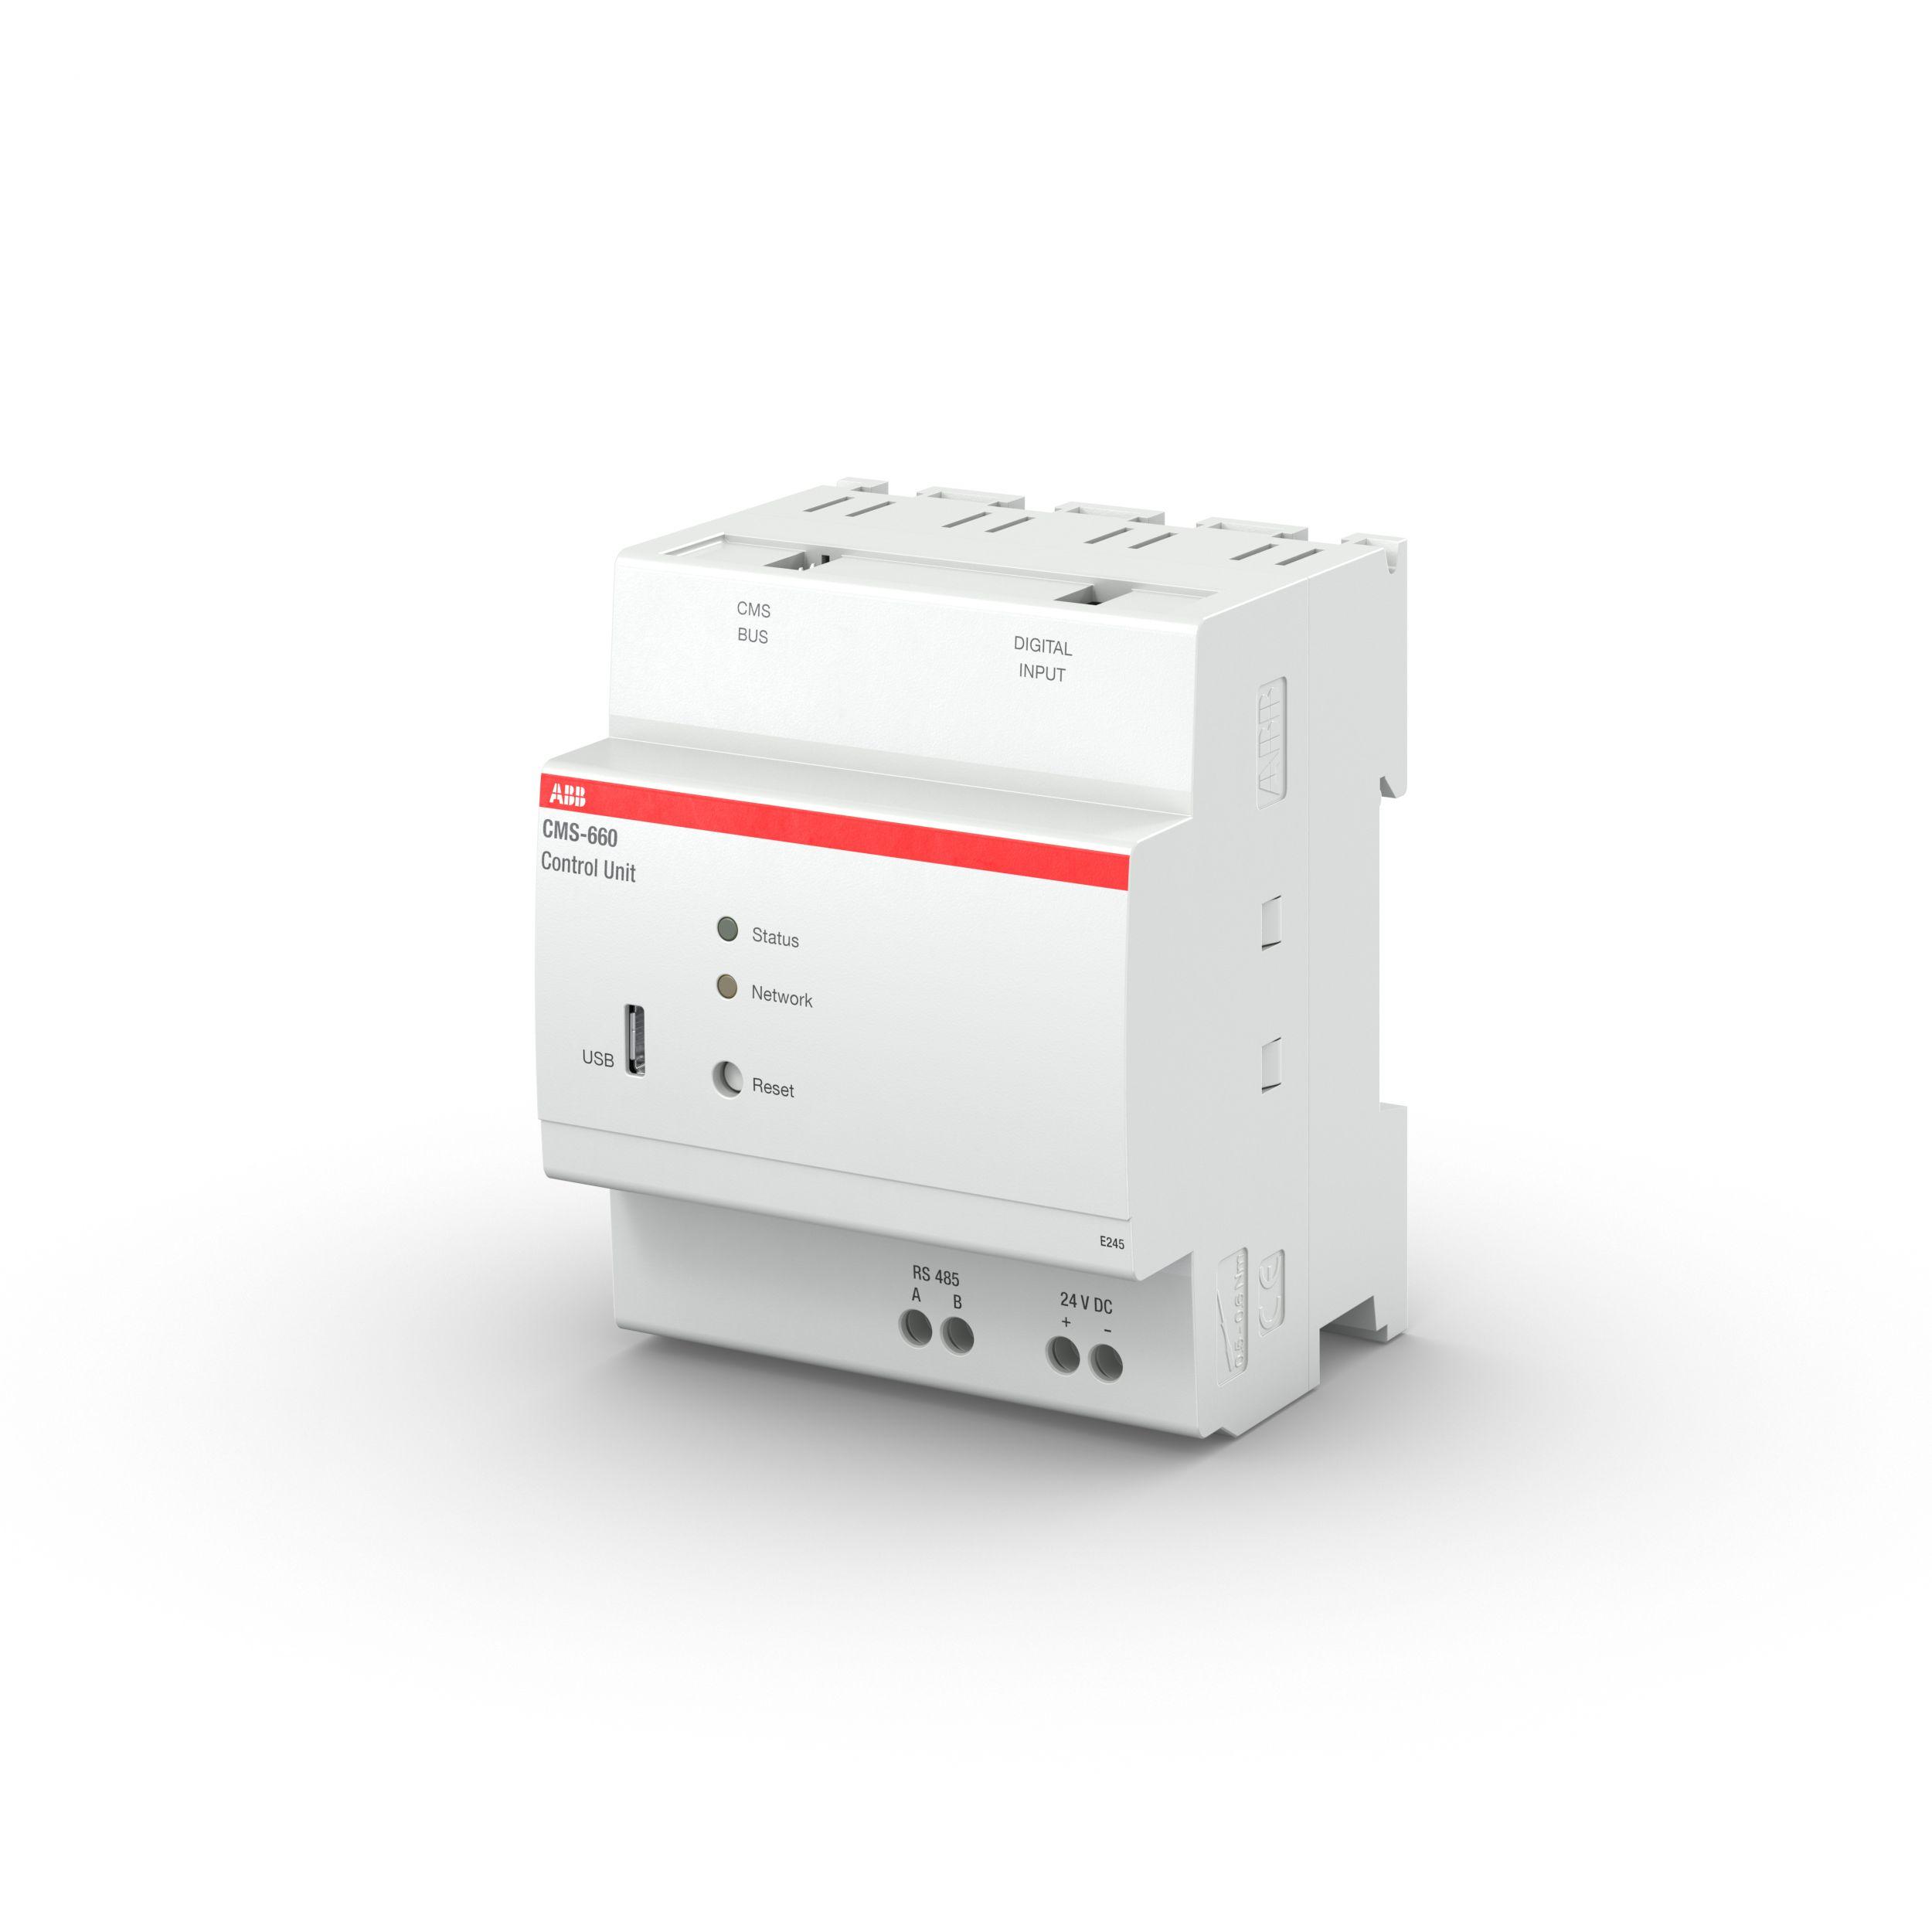 Das CMS-660 Stromüberwachungssystem bietet eine Strangüberwachung für Photovoltaikanwendungen. (Bild: ABB Stotz-Kontakt GmbH)